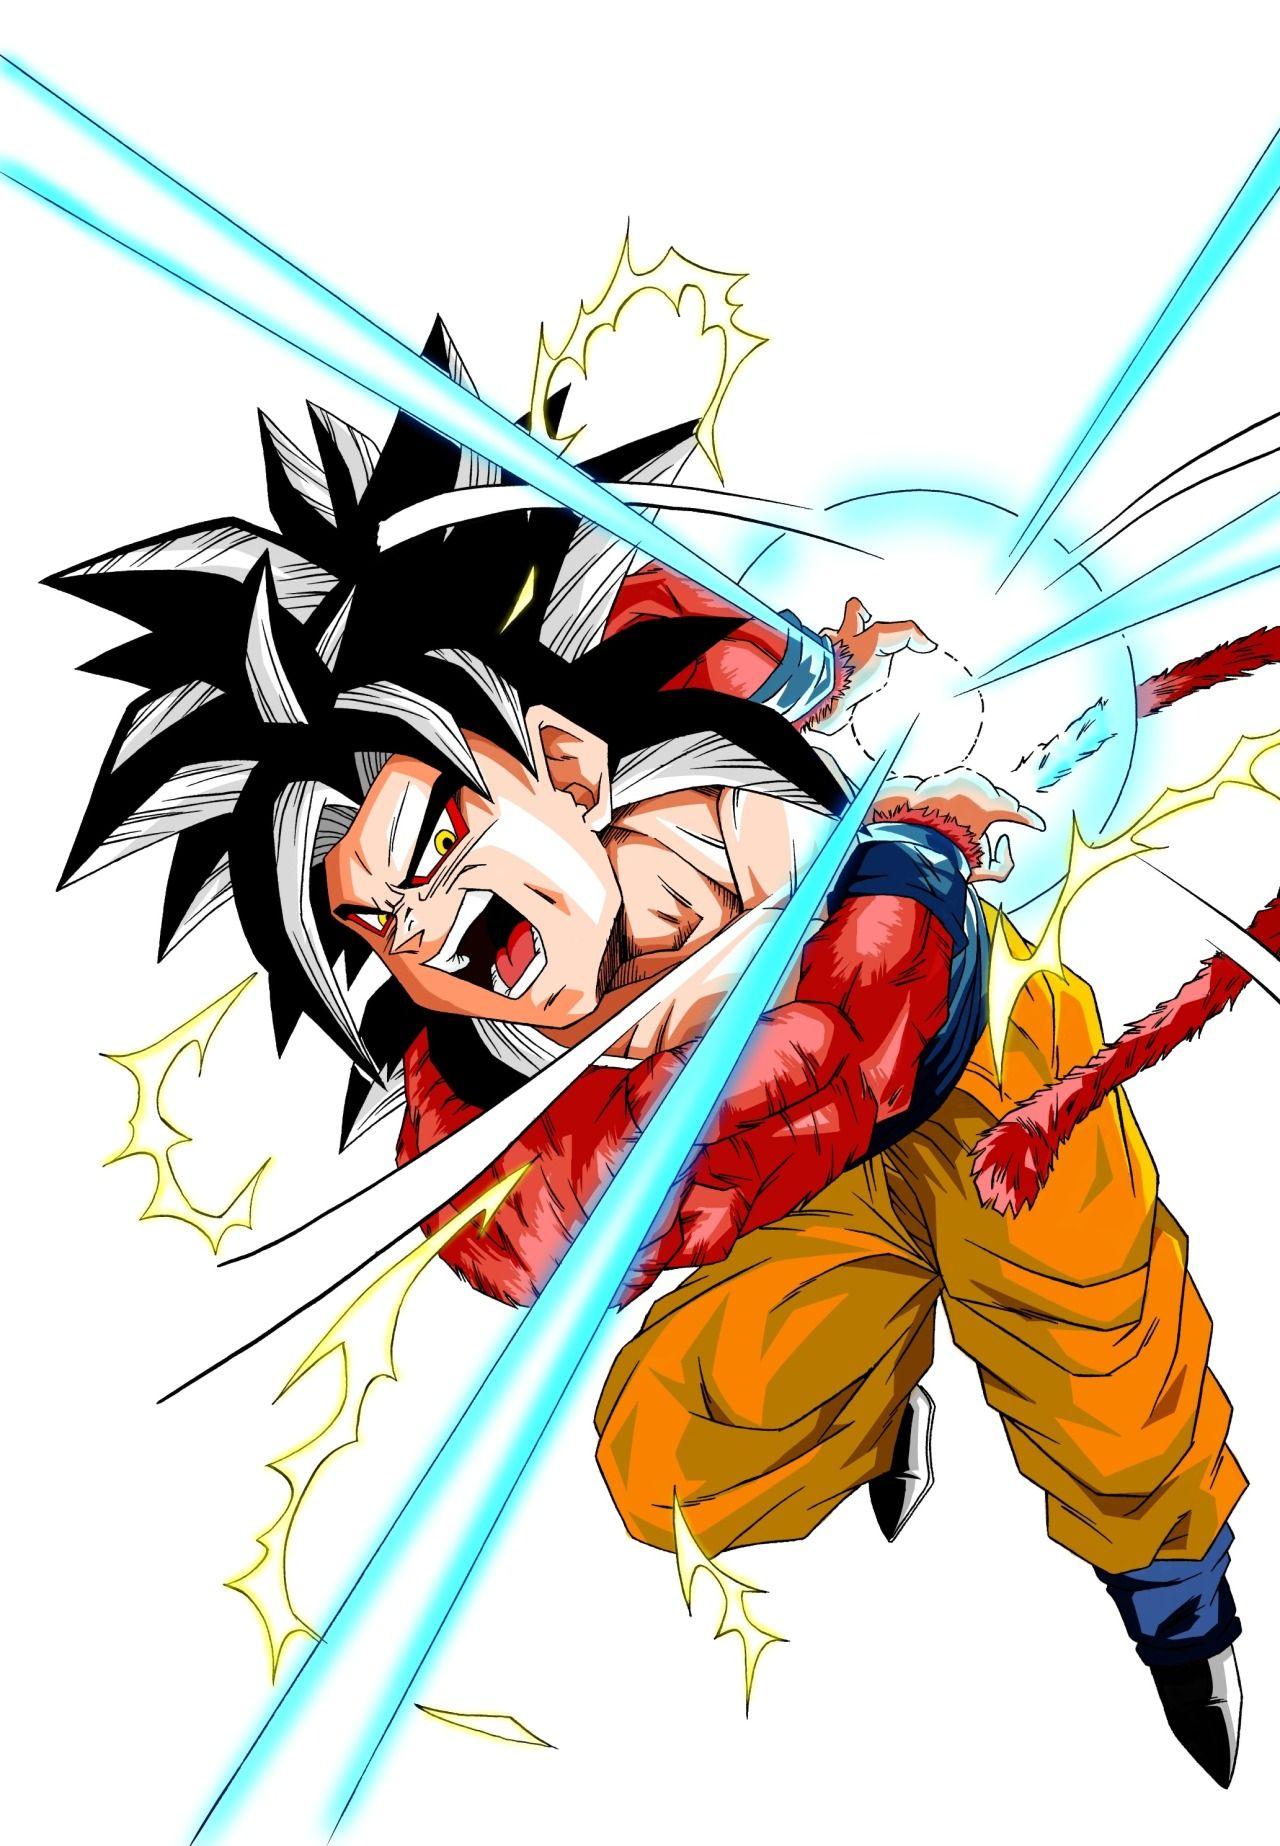 Pin By Mauricio Varas On Dragon Ball Dragon Ball Anime Dragon Ball Super Dragon Ball Artwork